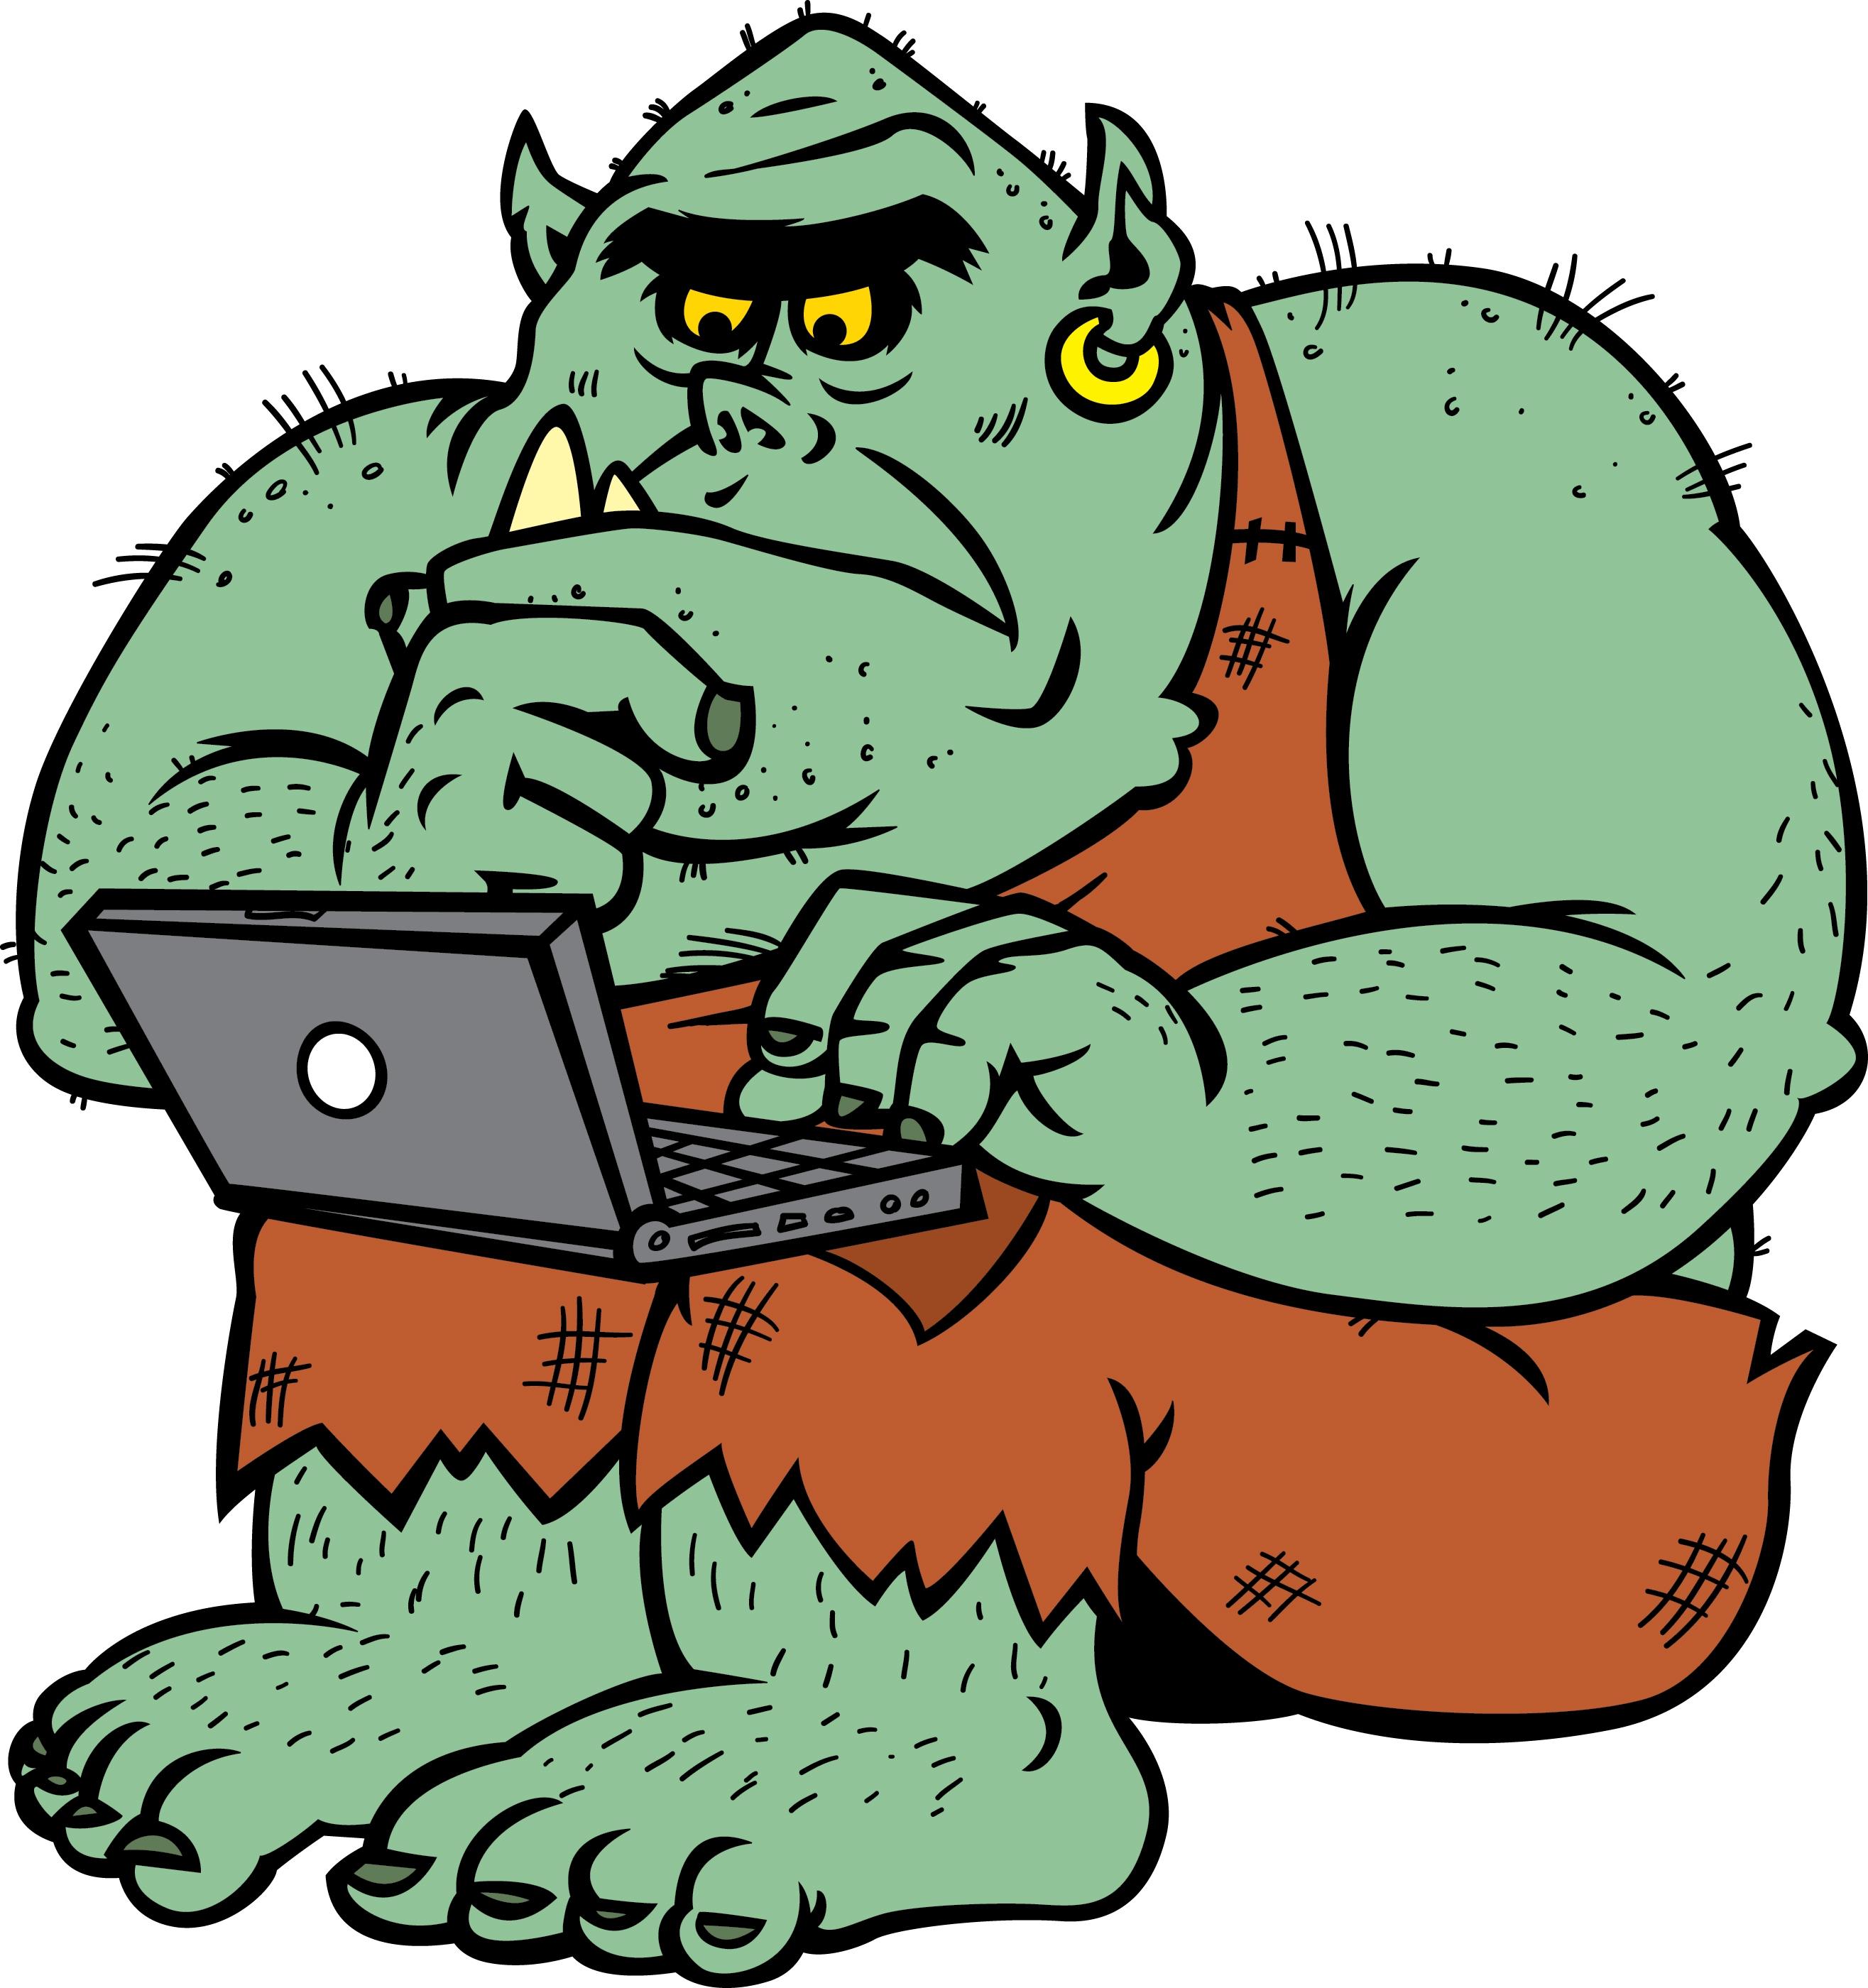 internet-troll-1.jpg?w=2631